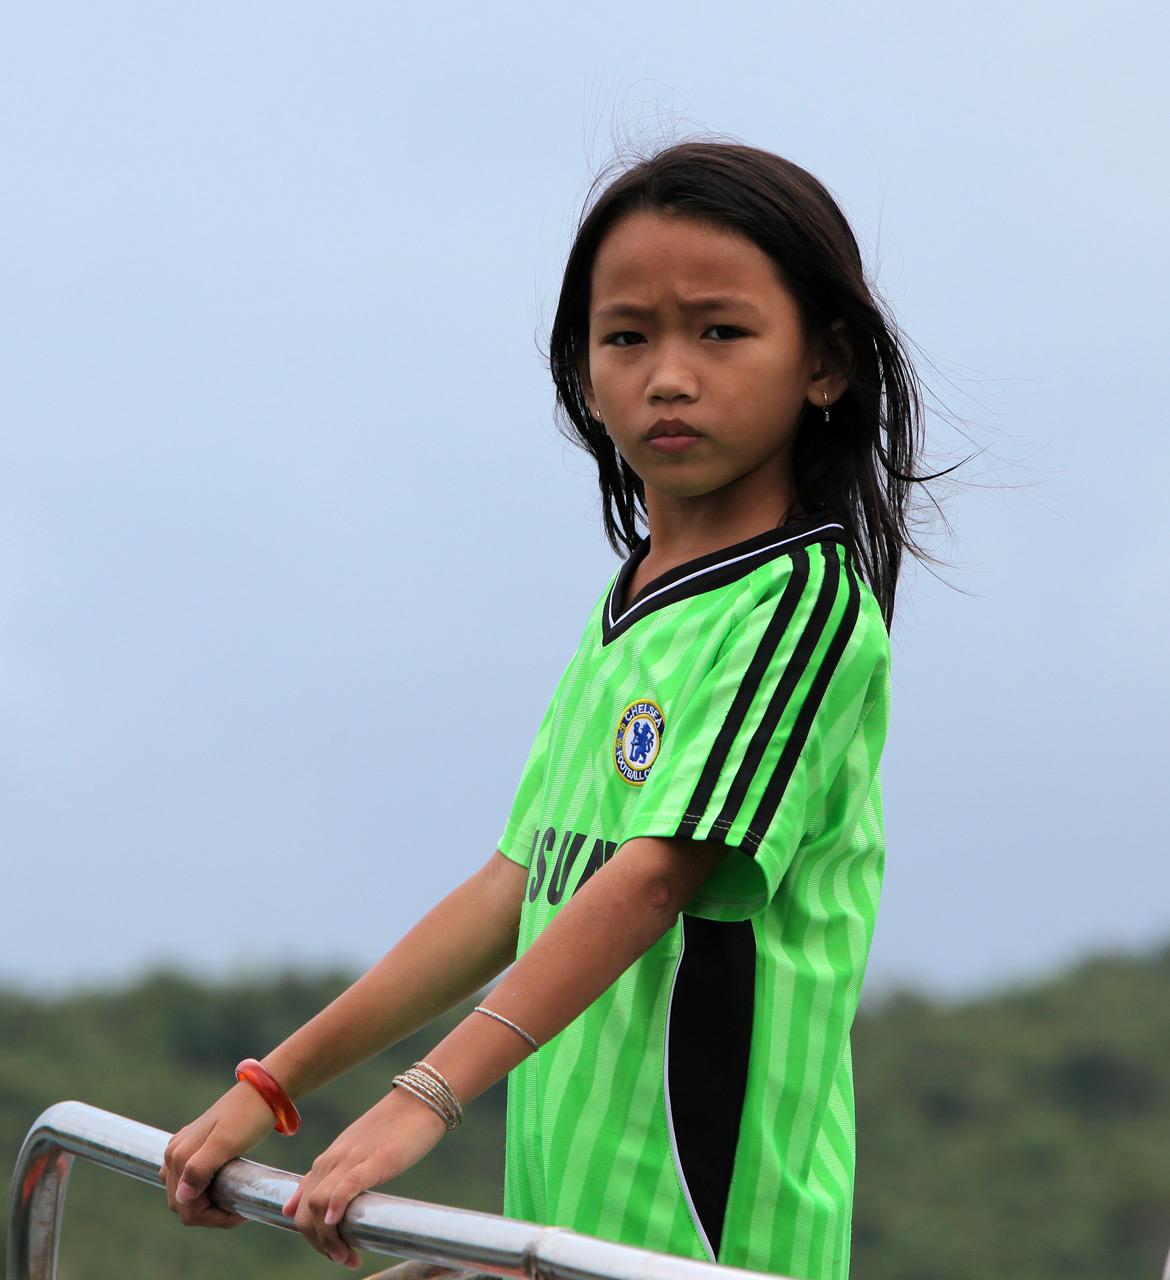 Вьетнамская девочка